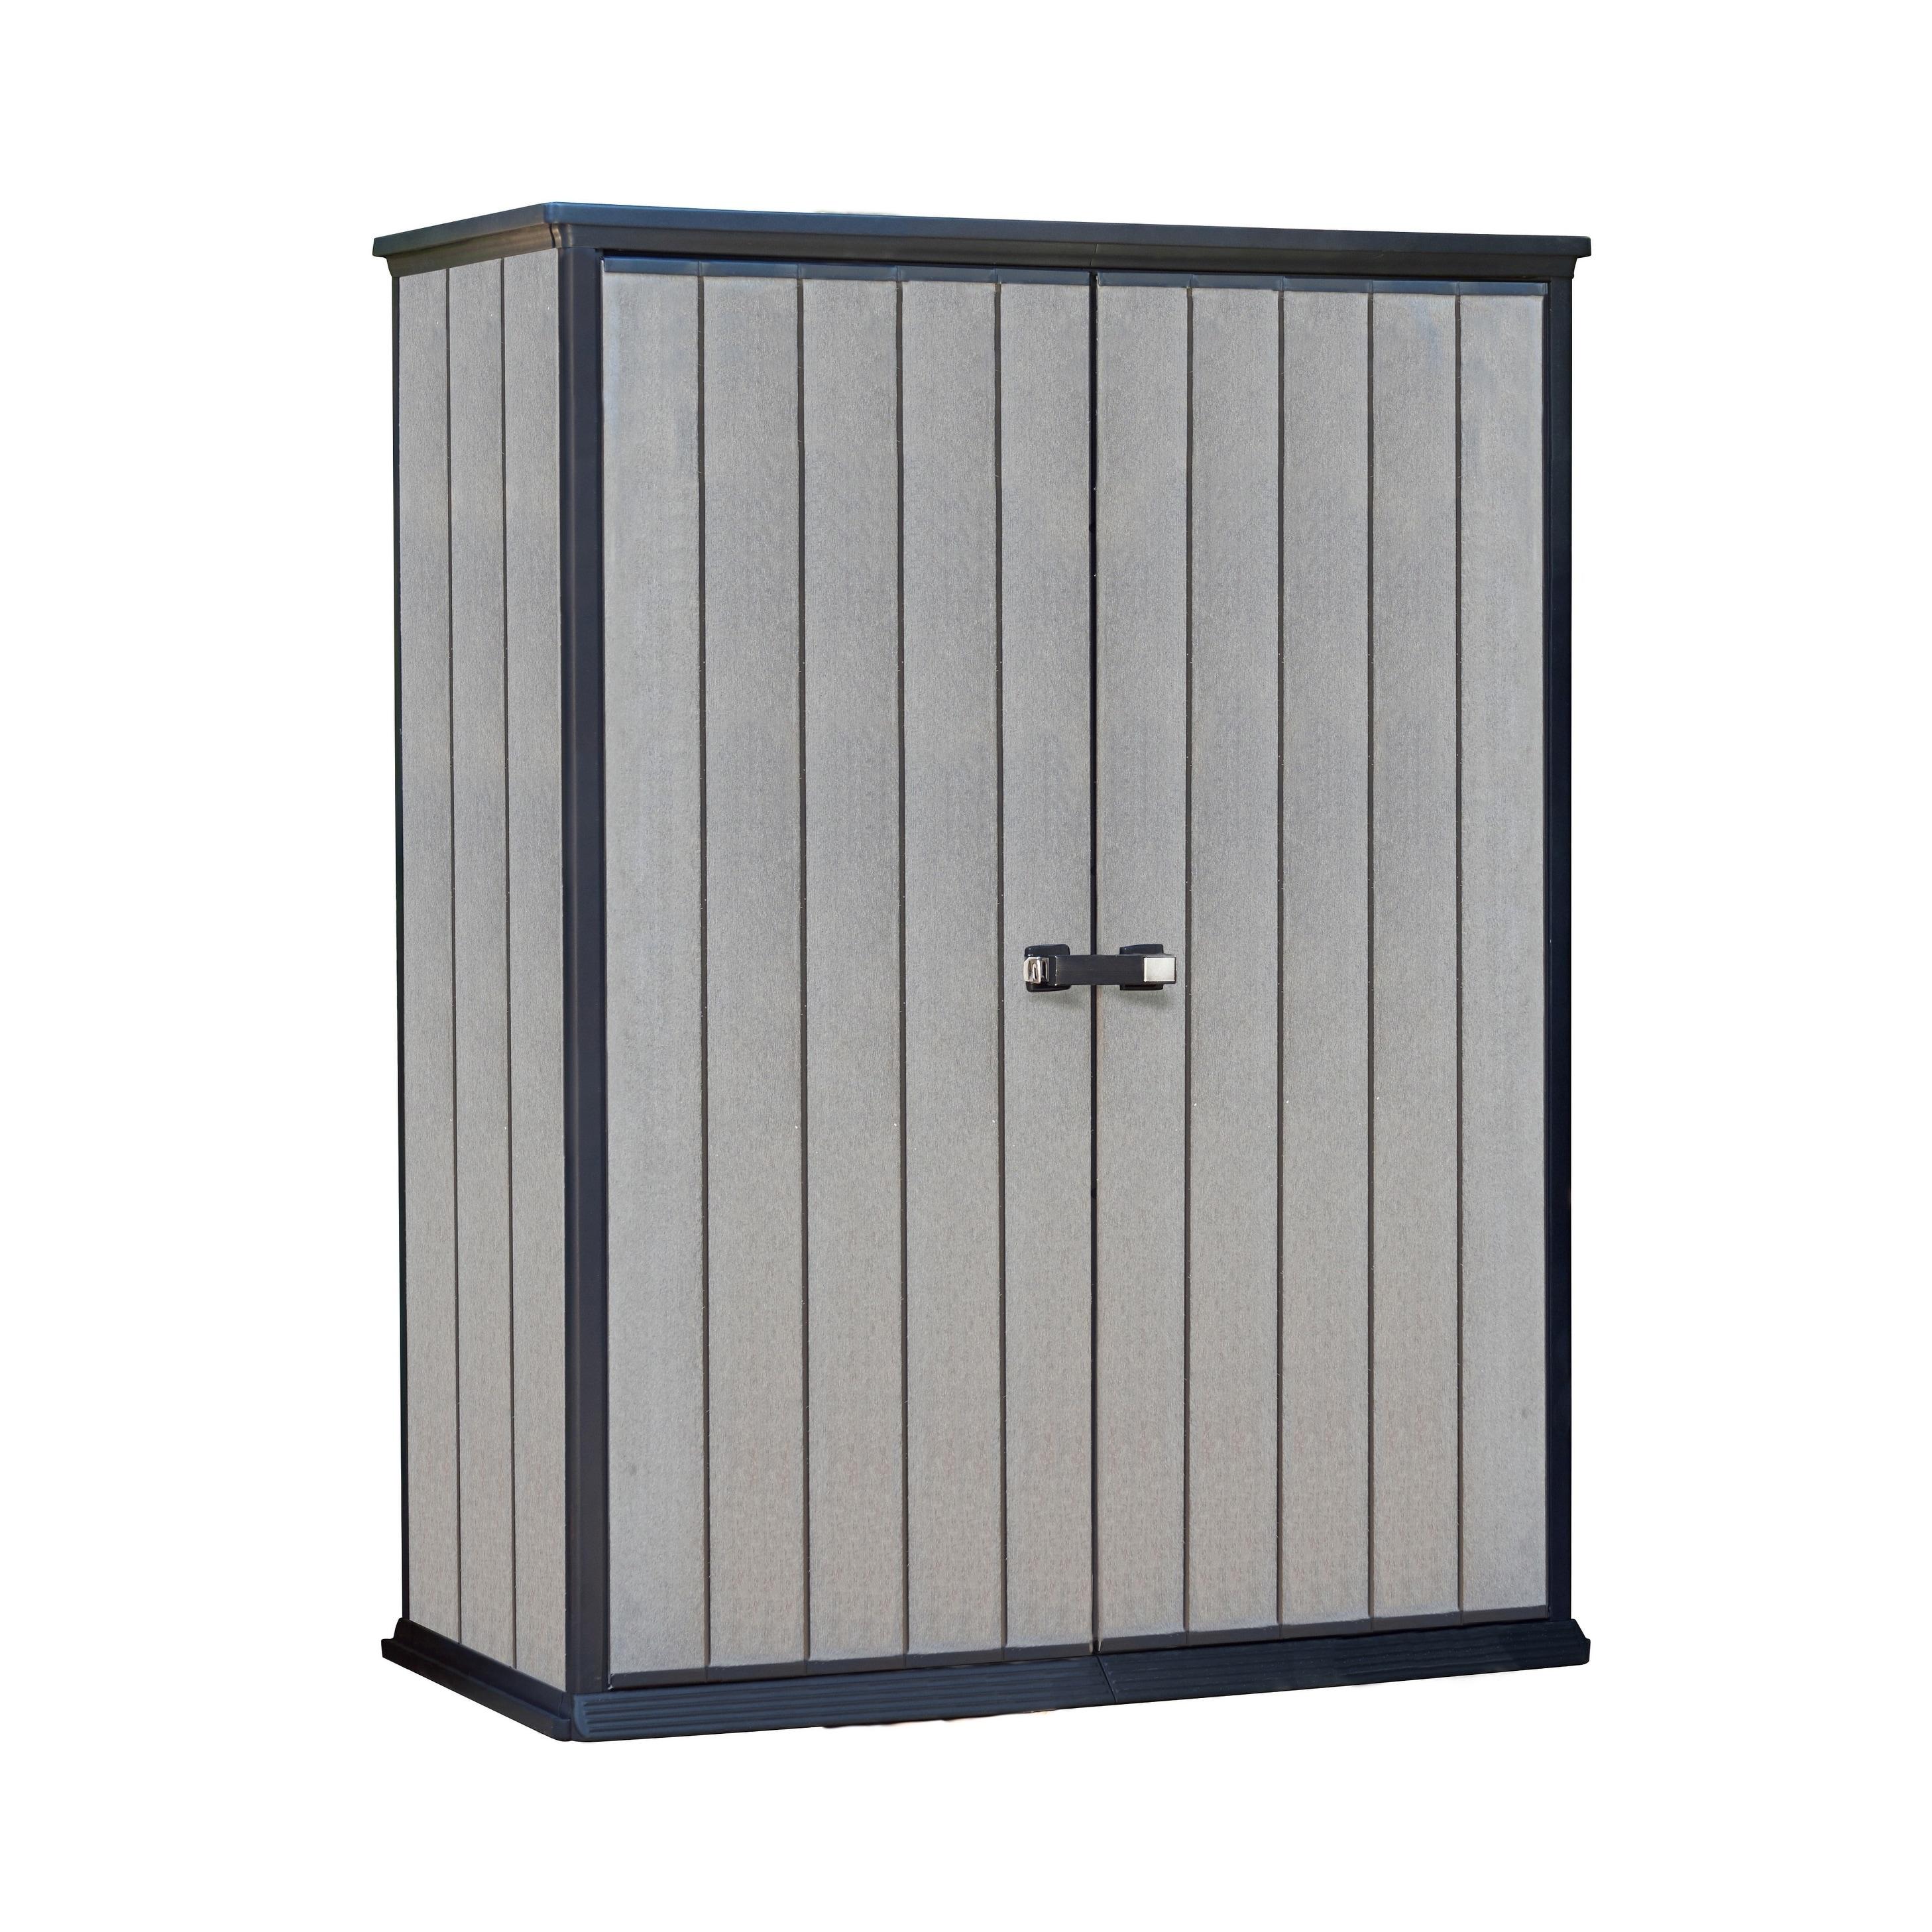 Keter High Store Grey Wood-Look Outdoor Vertical Garden S...